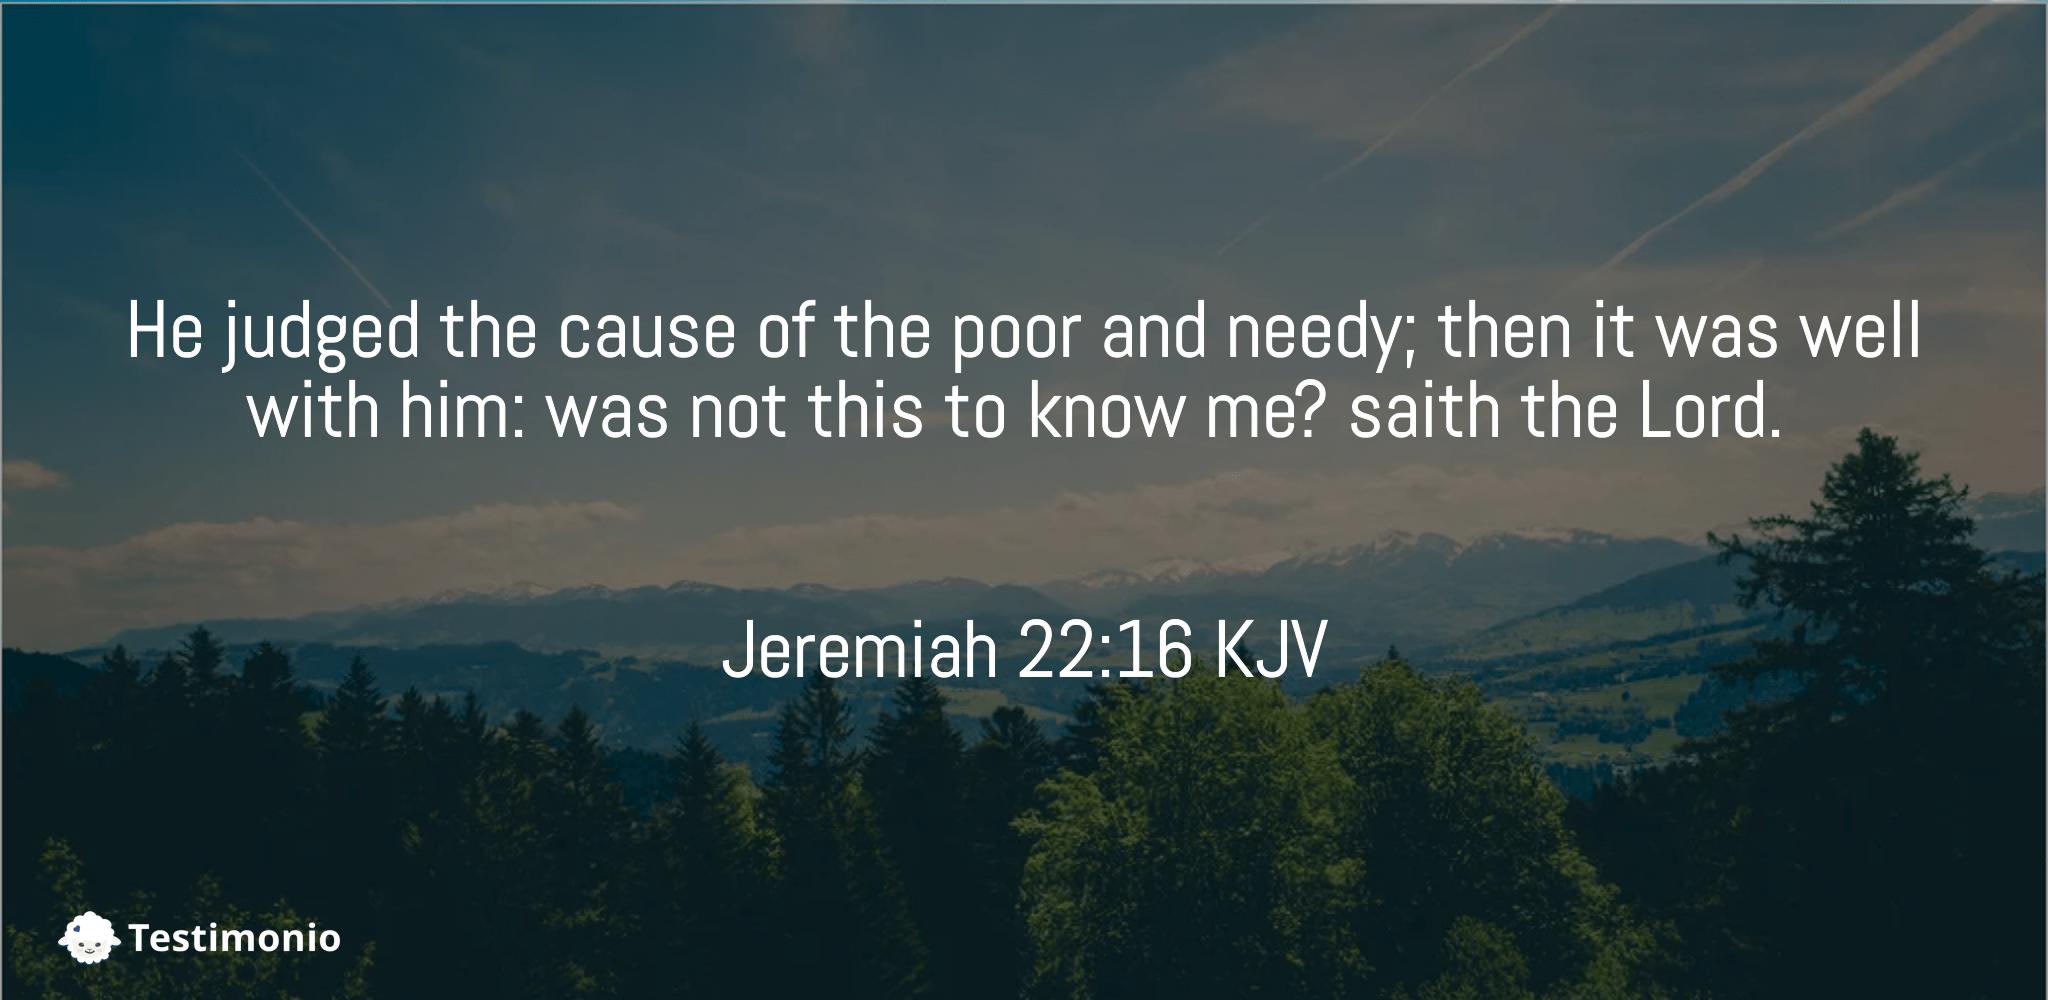 Jeremiah 22:16